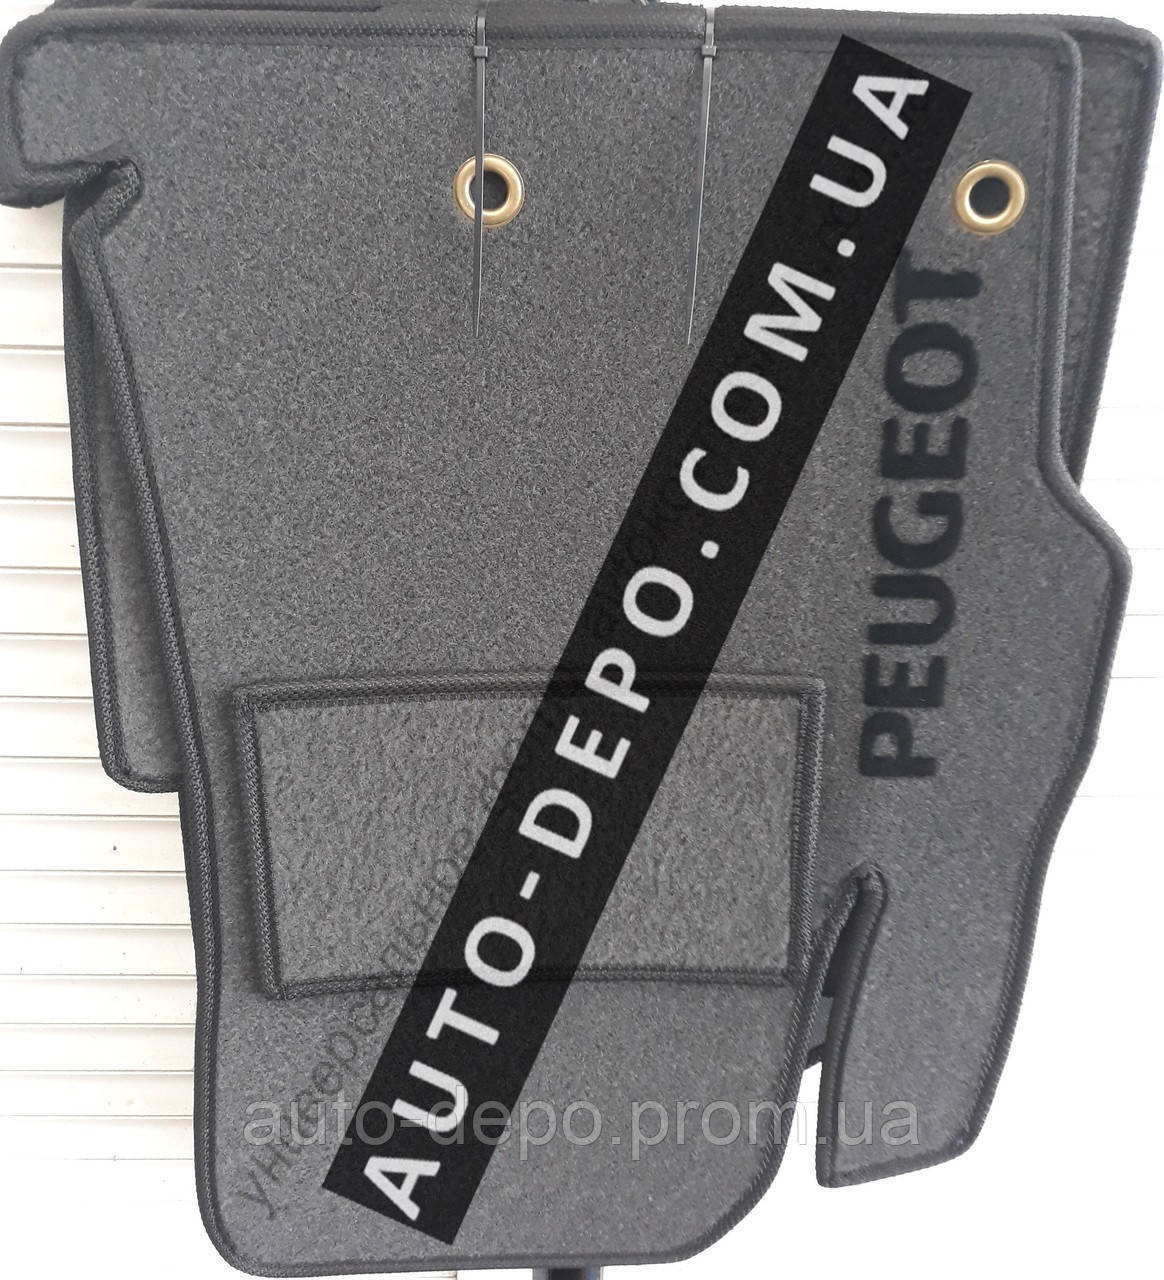 Ворсові килимки салону Peugeot Partner 1996-2002 VIP ЛЮКС АВТО-ВОРС